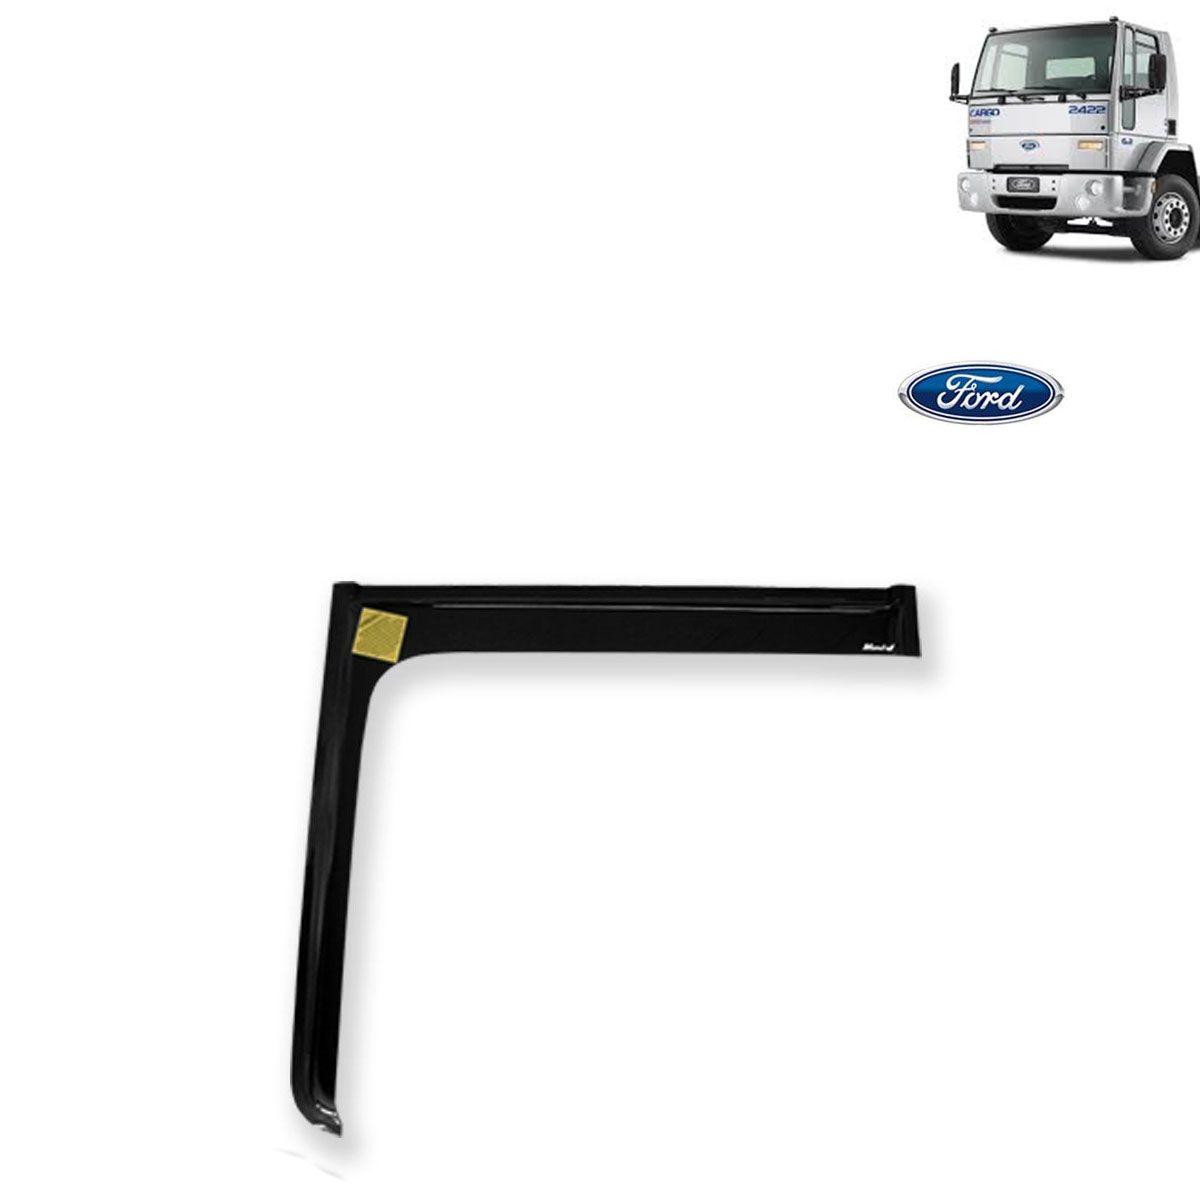 Calha de Chuva Porta para Caminhão Ford Cargo até 2011